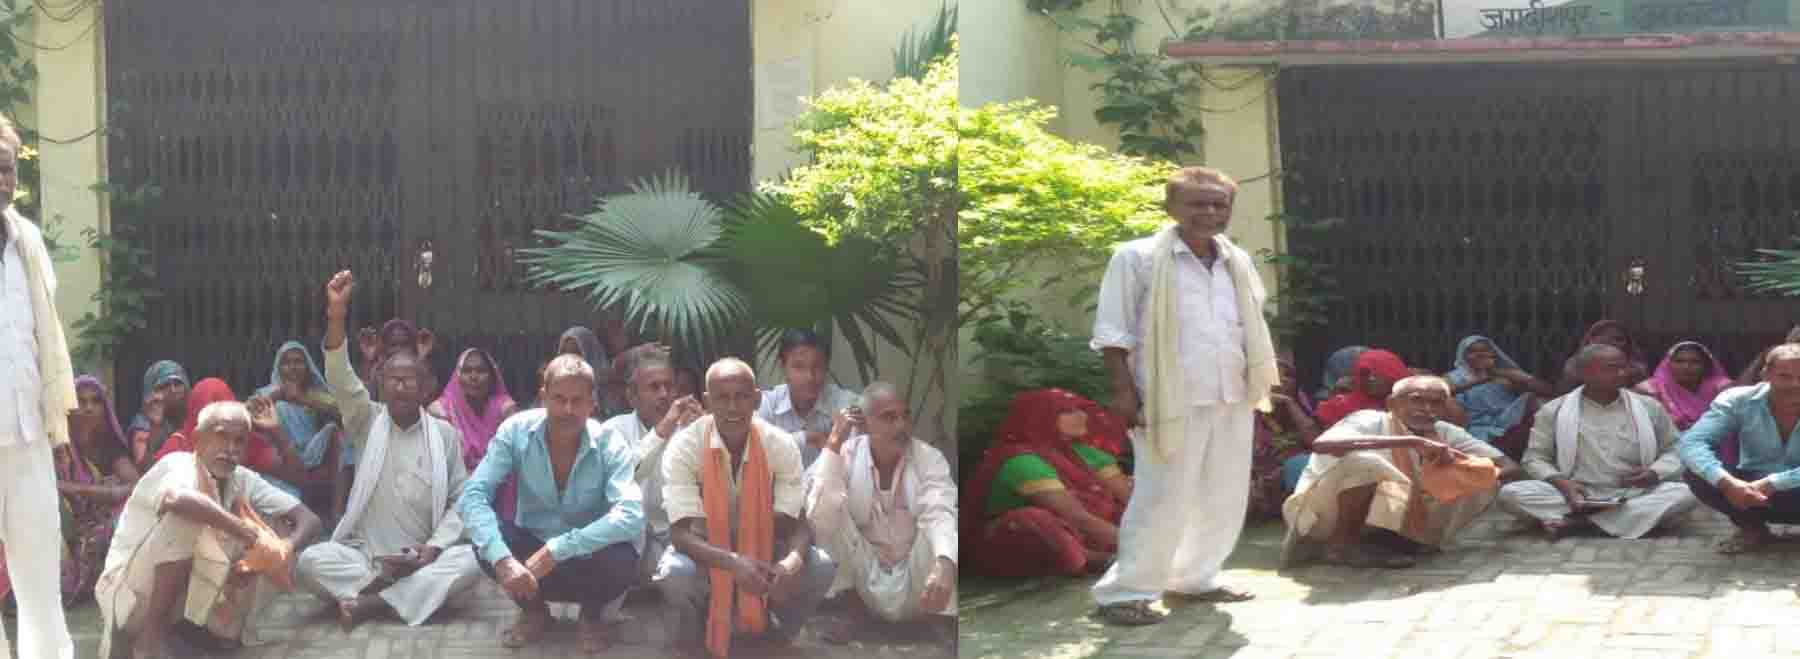 ओपनिंग को लेकर पेंच के चक्कर में फंसी भारतीय टीम